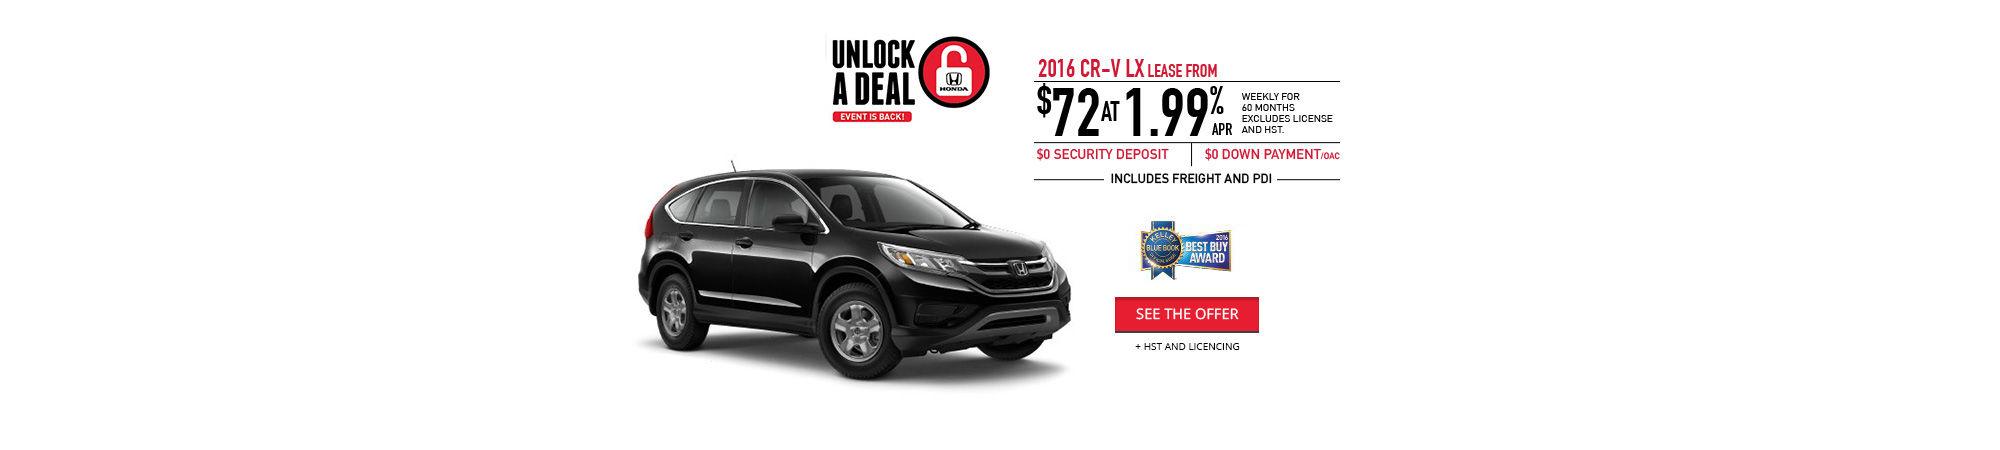 Unlock a Deal - CR-V